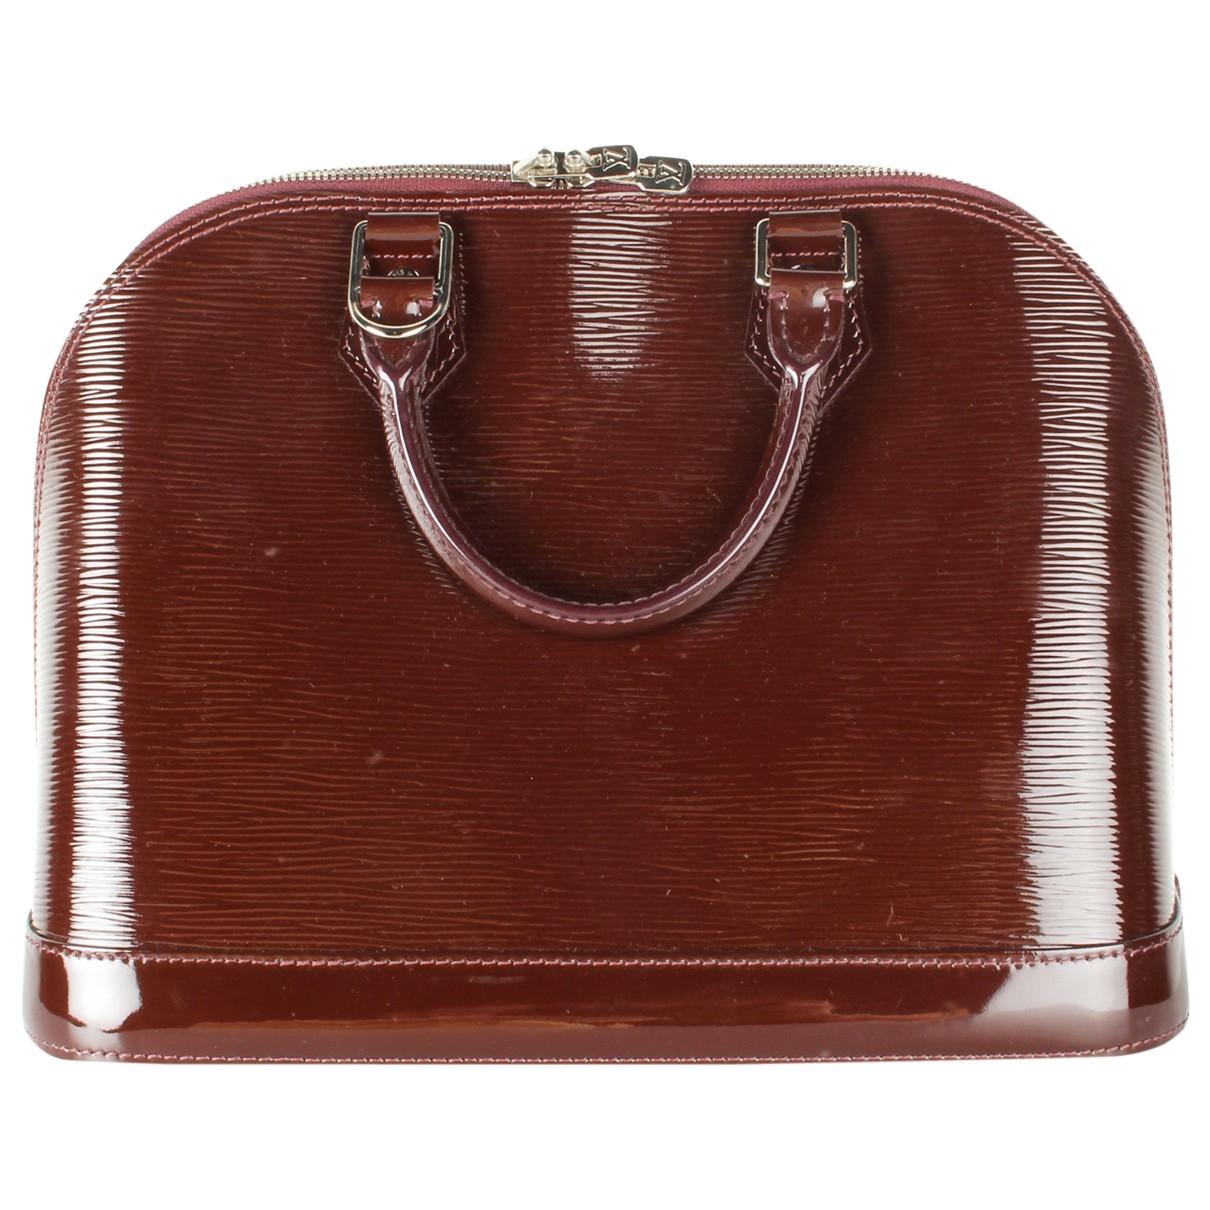 Louis Vuitton Alma Handtasche in  Braun Lackleder